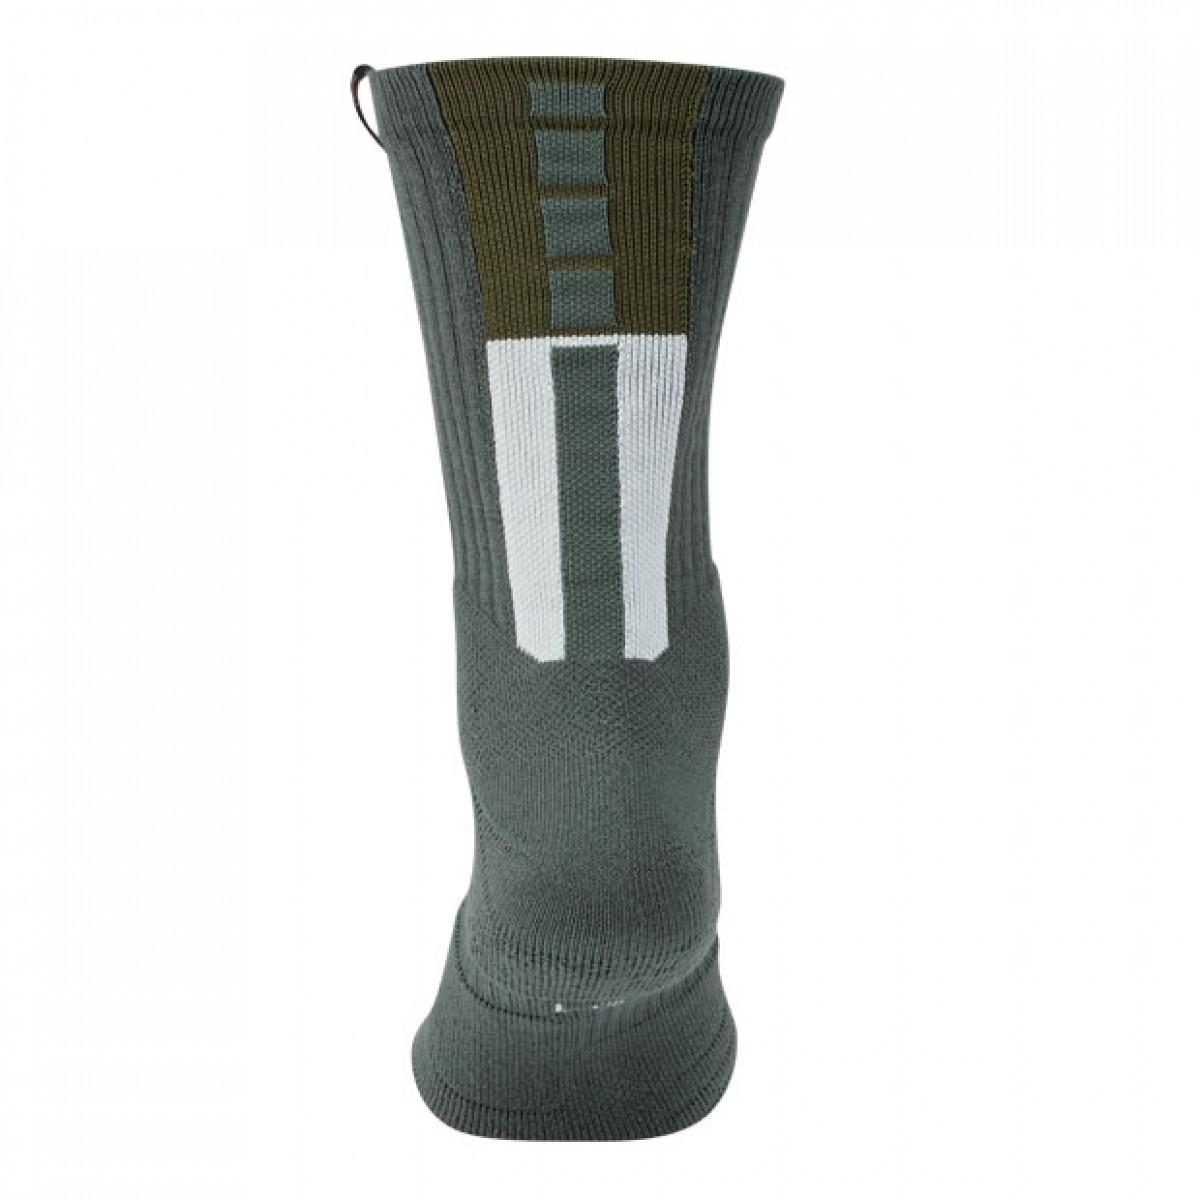 Nike Elite Crew Kyrie 'Green' SX7410-344